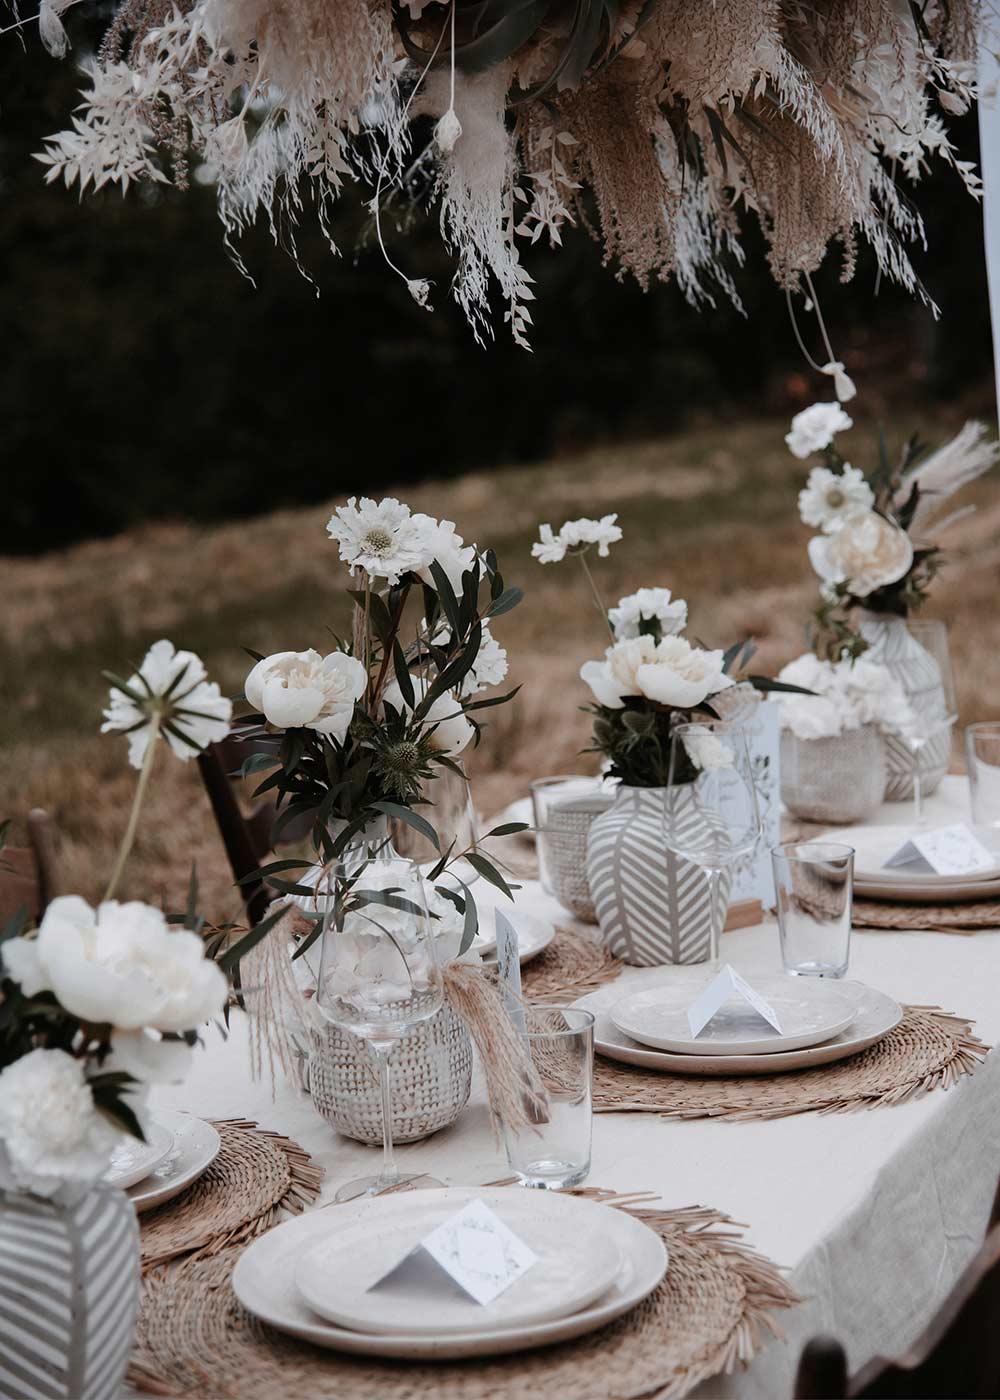 Der Hochzeitstisch ist wunderschön in Beige- und Erdtönen geschmückt.